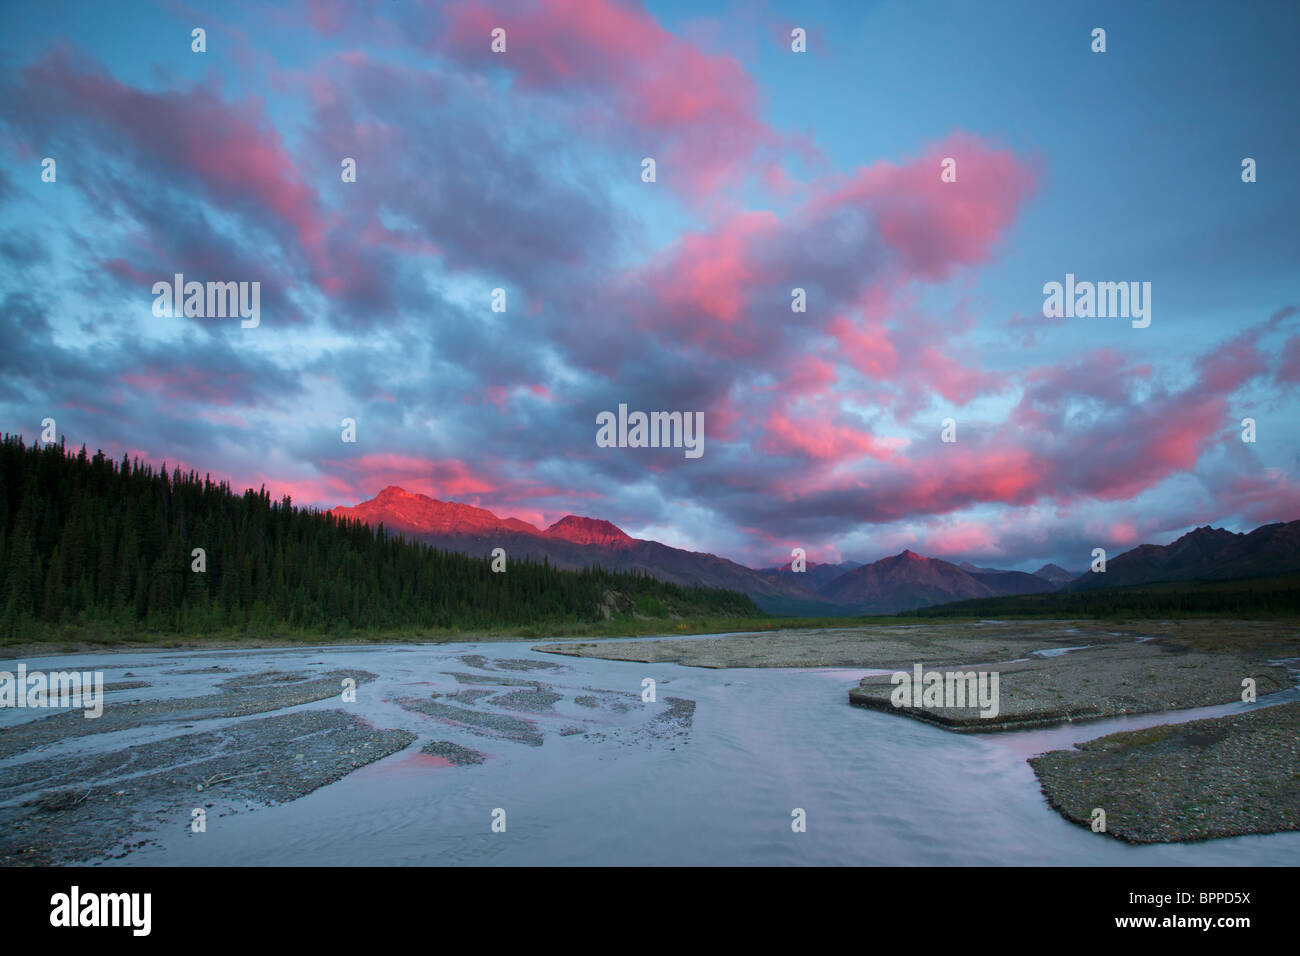 Coucher de soleil sur la vallée de la rivière Teklanika, parc national Denali, en Alaska. Photo Stock